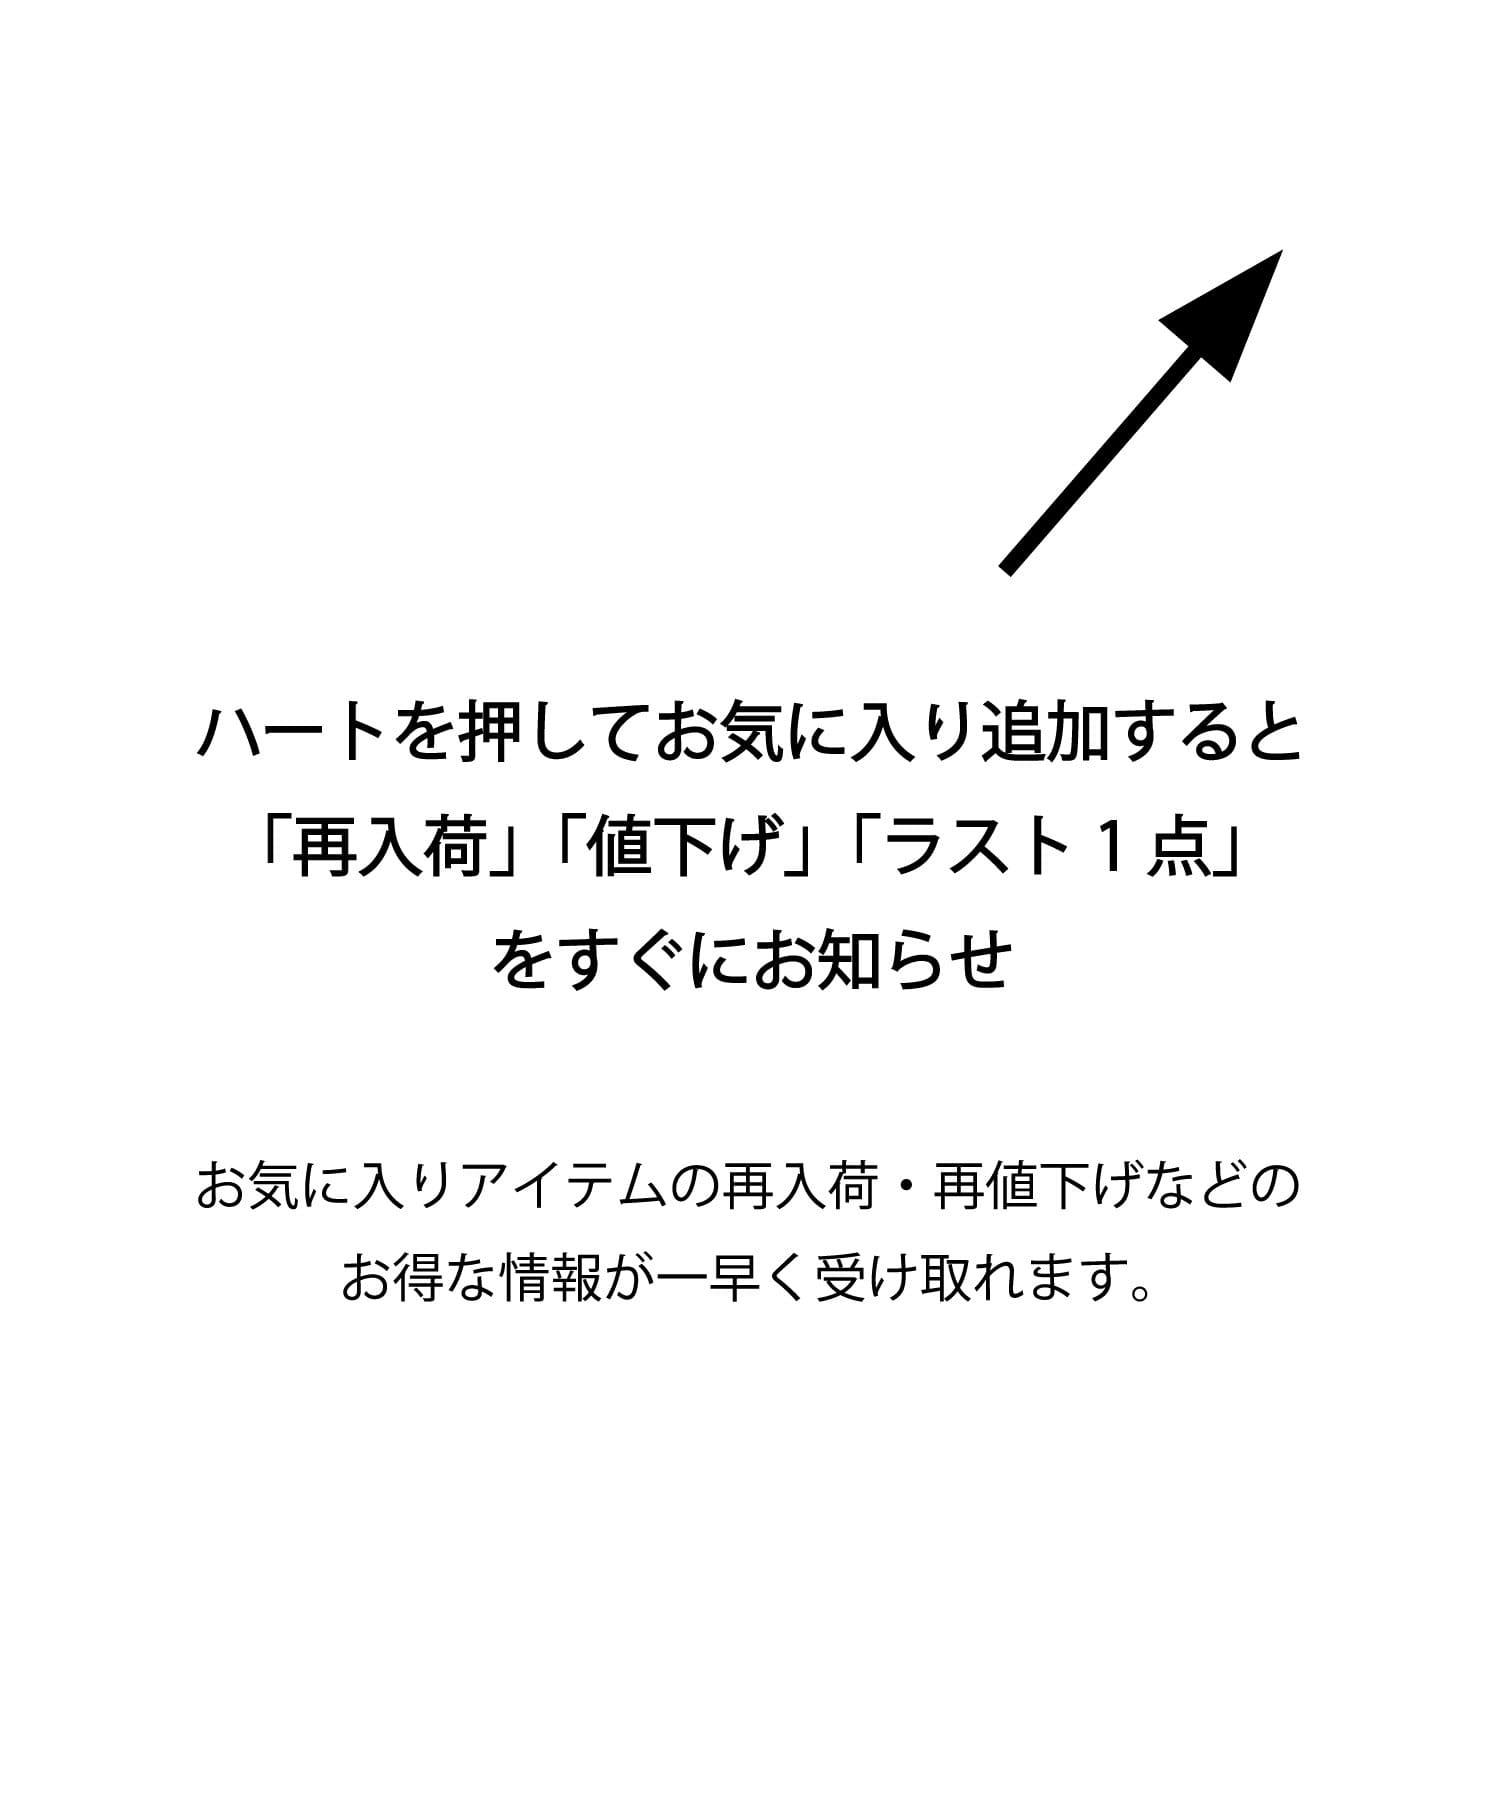 un dix cors(アンディコール) 【1枚着からレイヤードスタイルまで幅広く活躍】デニムバンドカラーワンピース